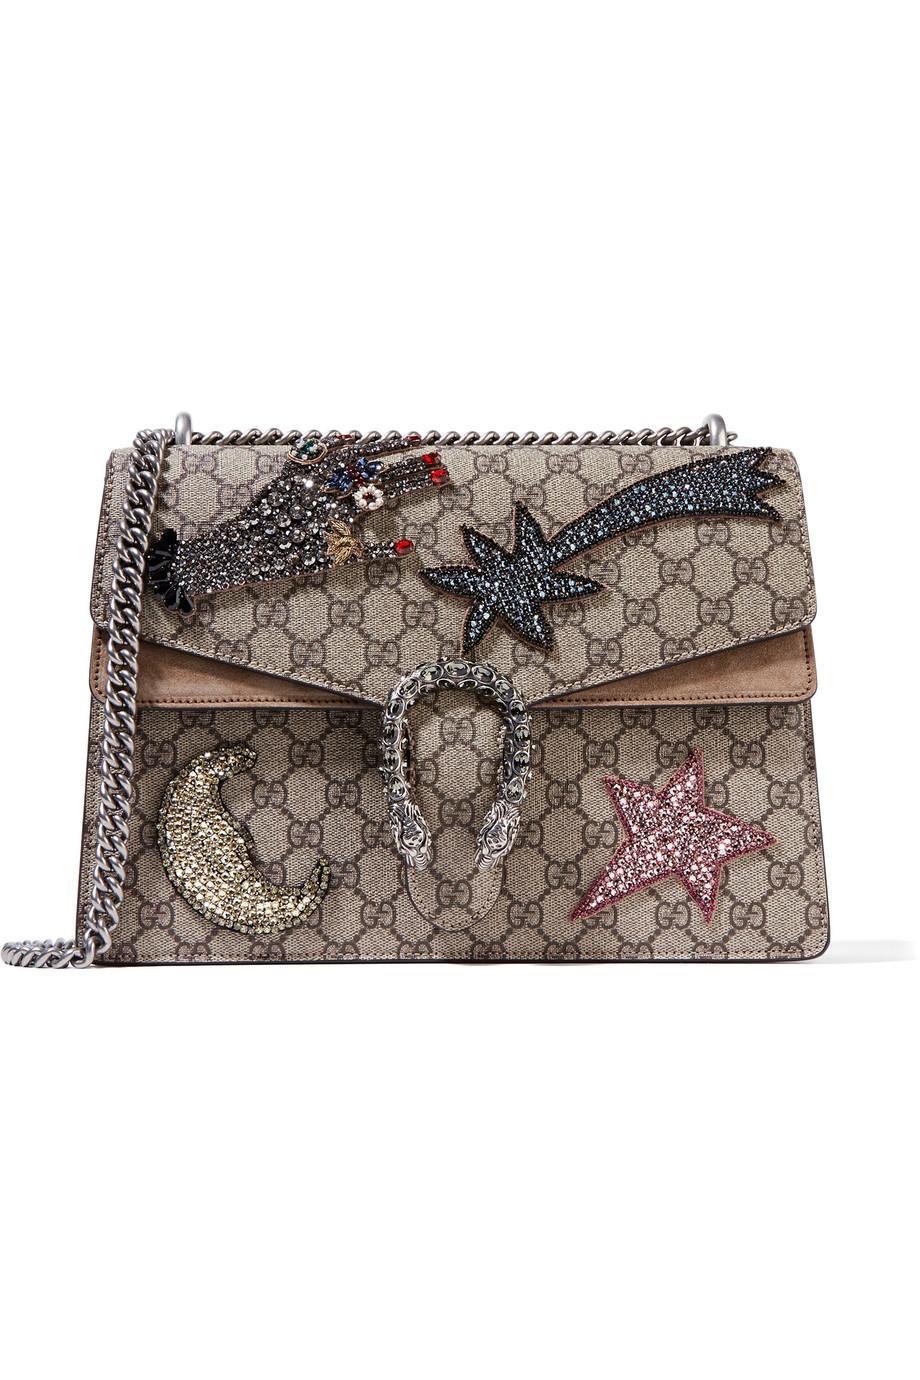 Gucci Dionysus Large Embellished Suede-Trimmed Coated Canvas Shoulder Bag